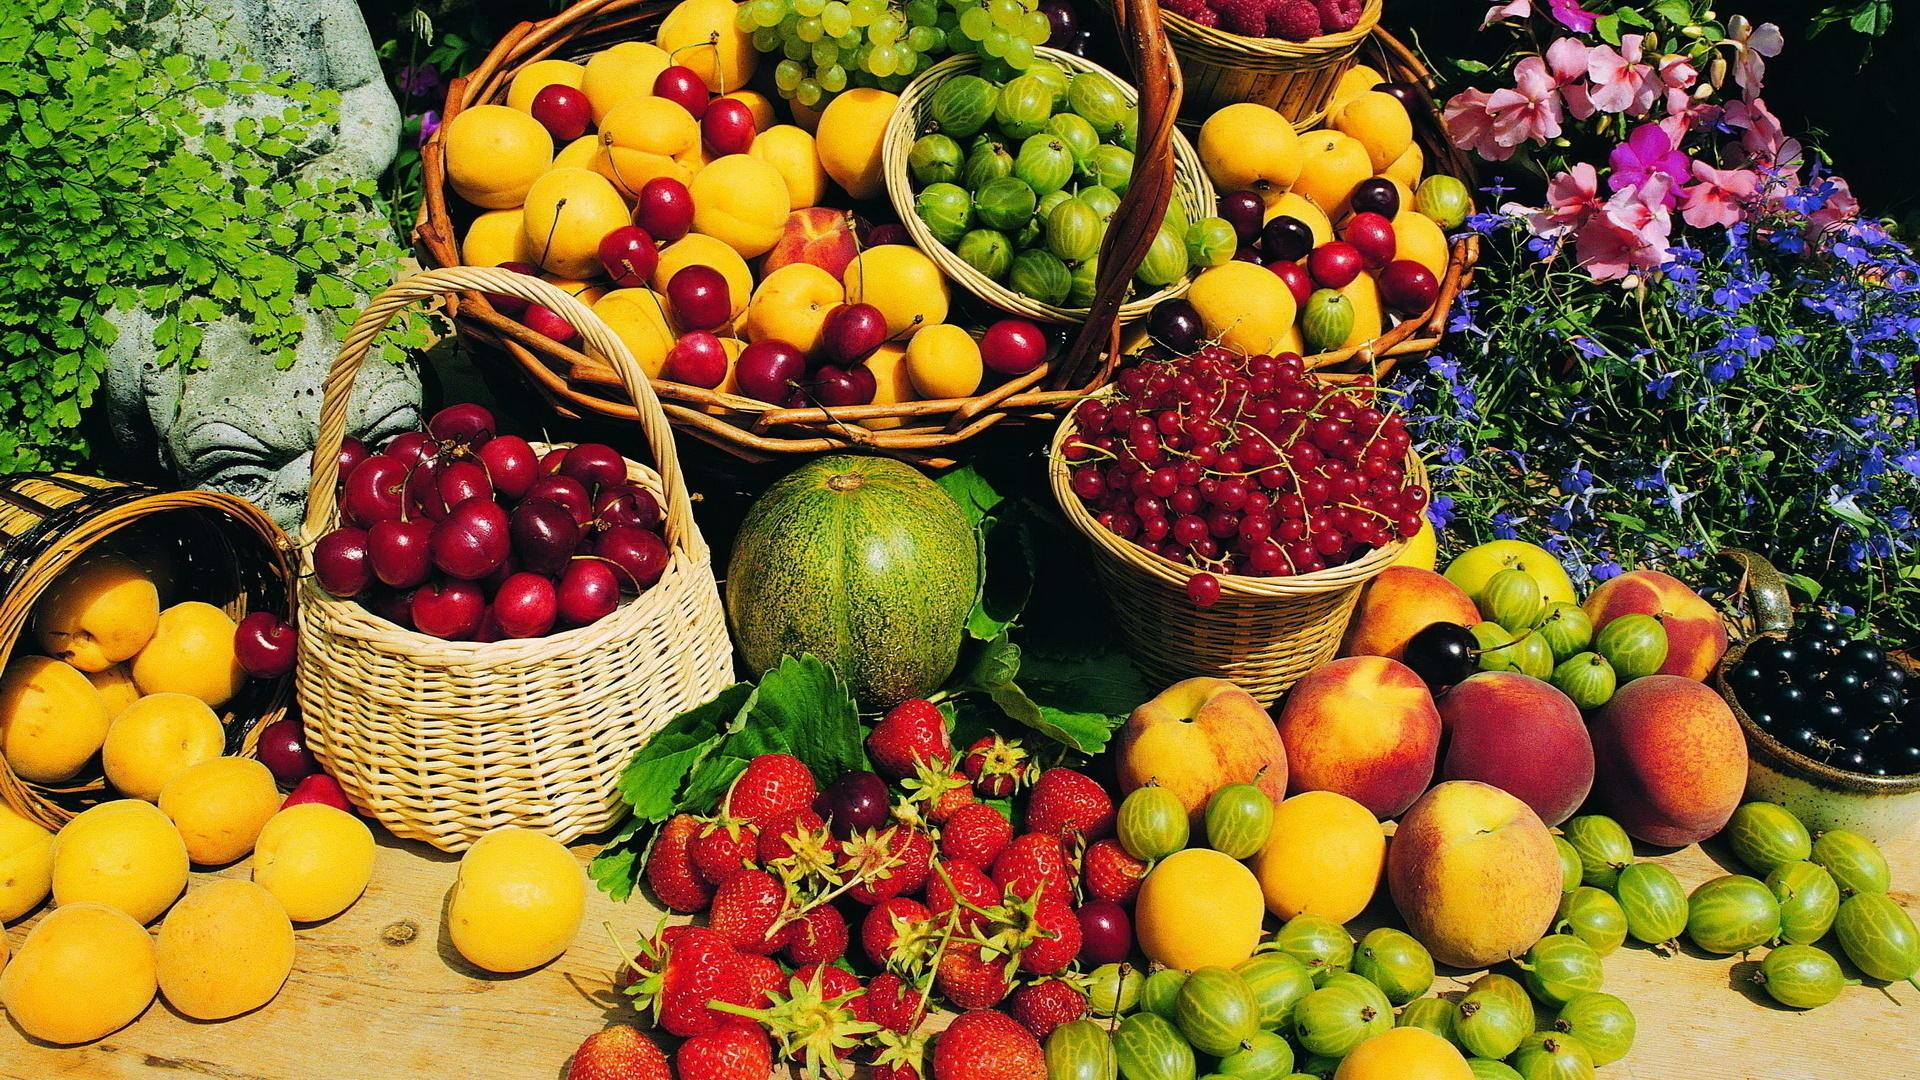 Картинки с ягодами фруктами и овощами, картинки сайт картинки